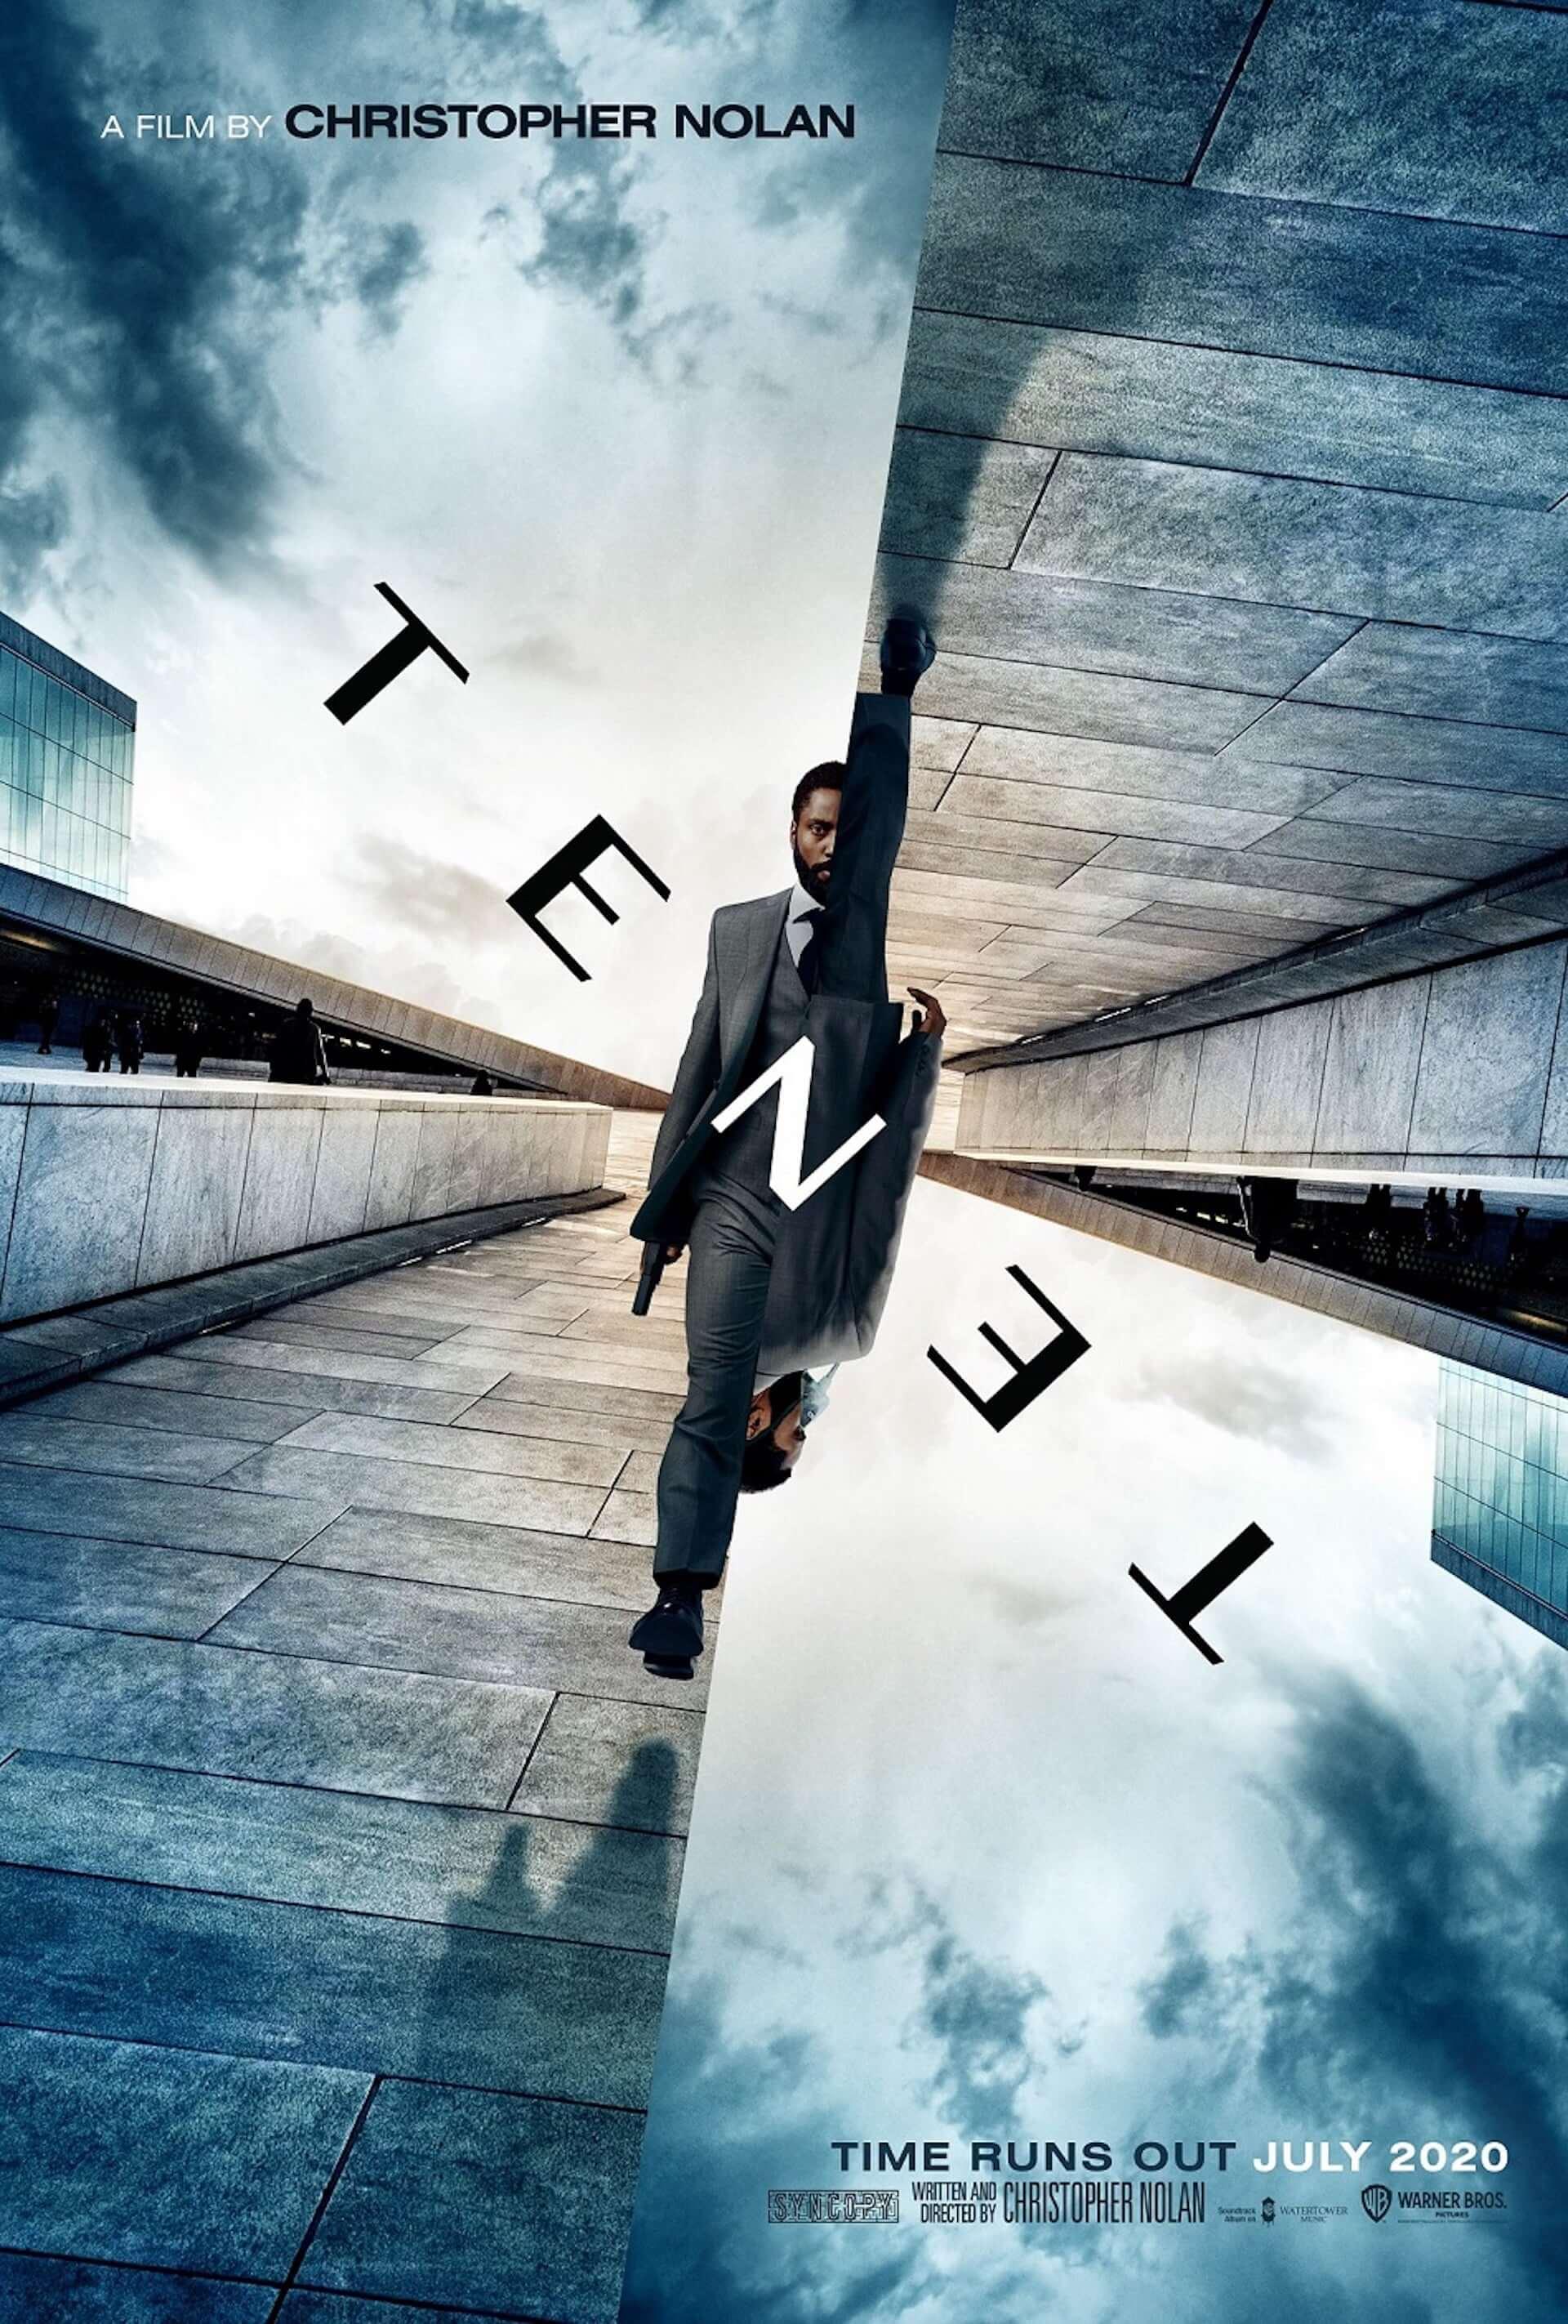 『ダークナイト』がIMAX&4D版で帰ってくる!ノーラン監督最新作『TENET テネット』プロローグともに緊急上映決定 film200623_tenet_1-1920x2845